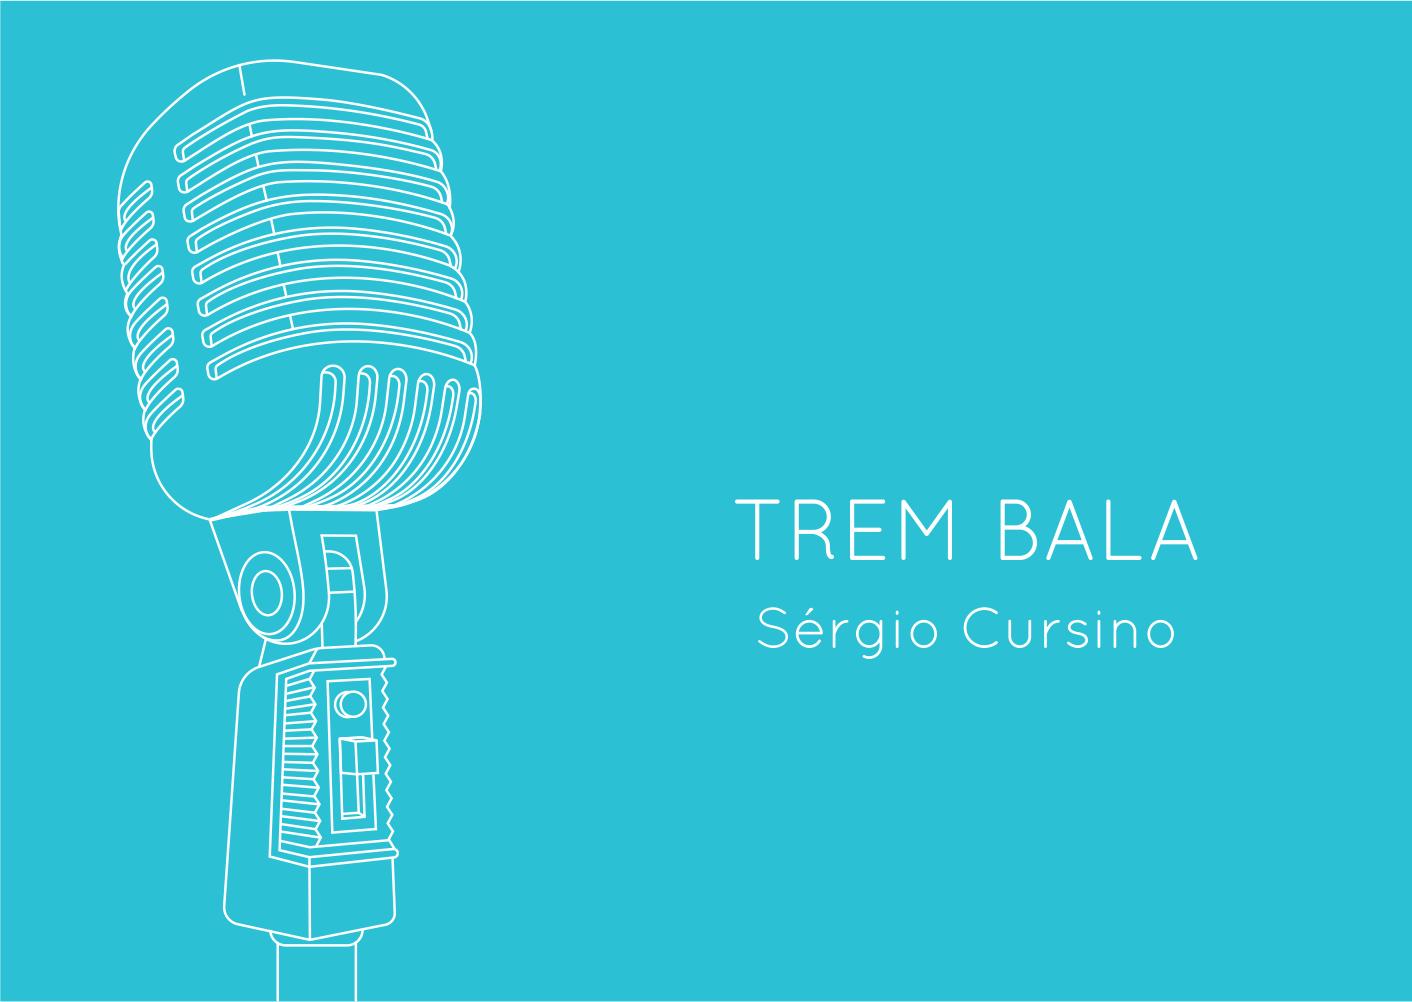 Trem Bala Sérgio Cursino